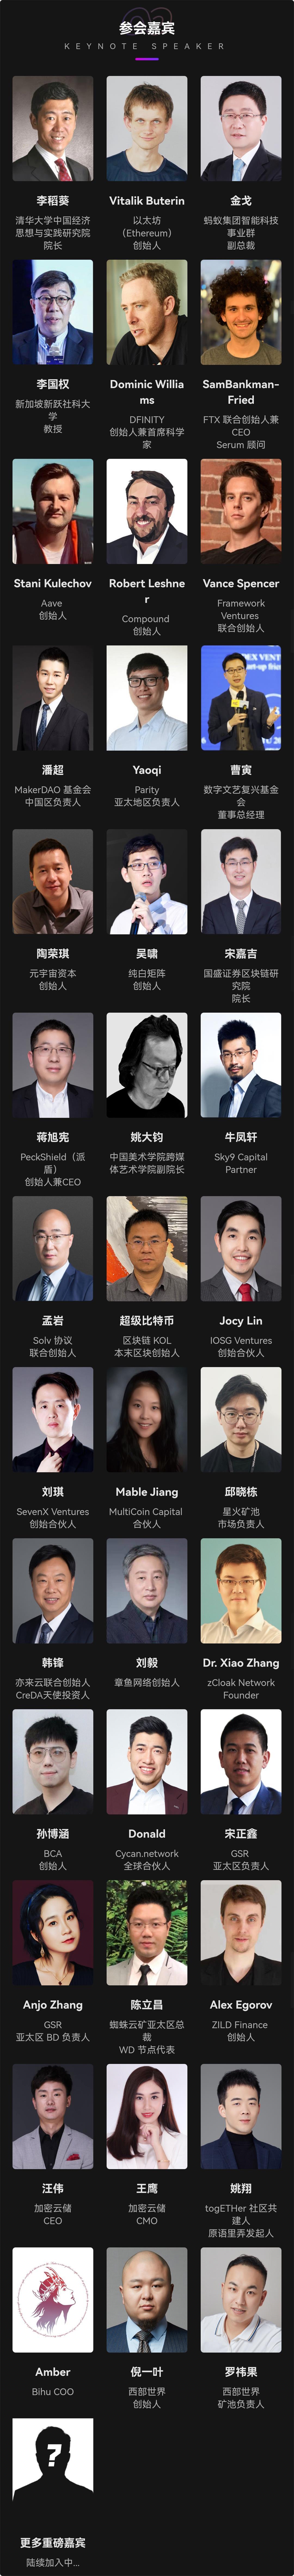 无限未来—2021世界区块链大会·杭州